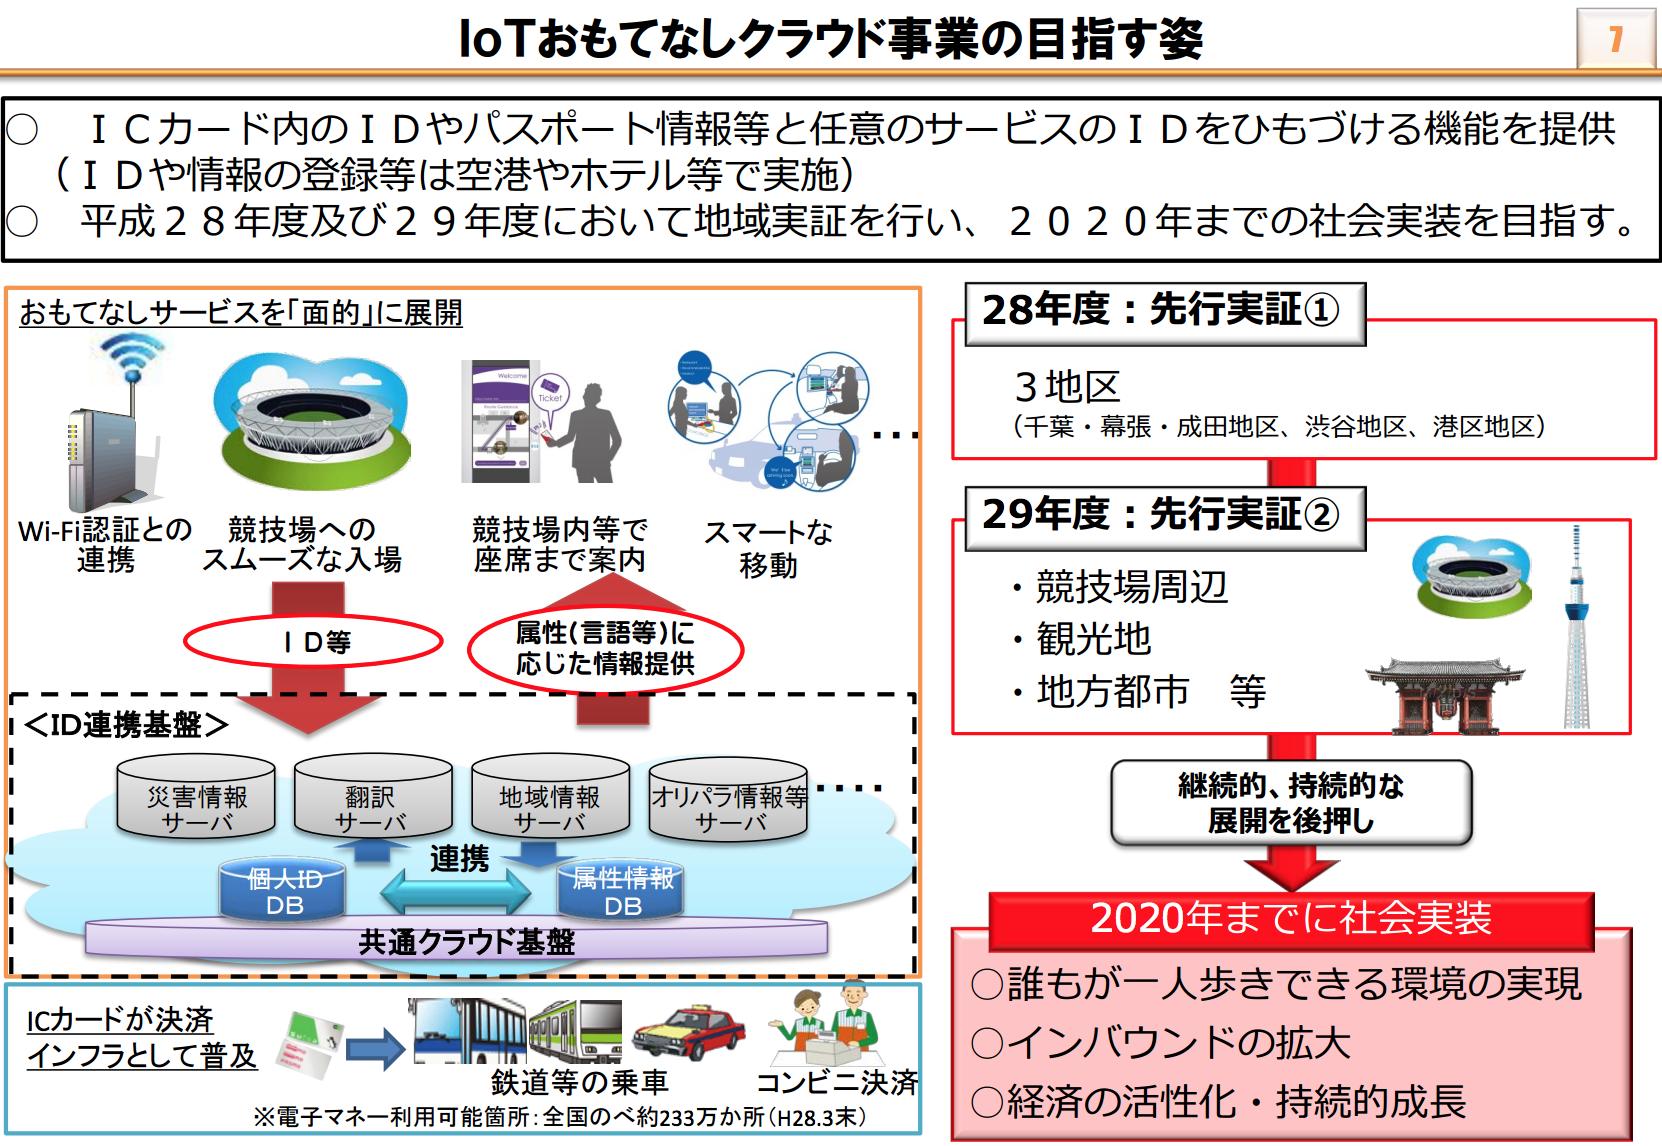 IoTおもてなしクラウド事業による都市サービスの高度化と社会実装イメージ